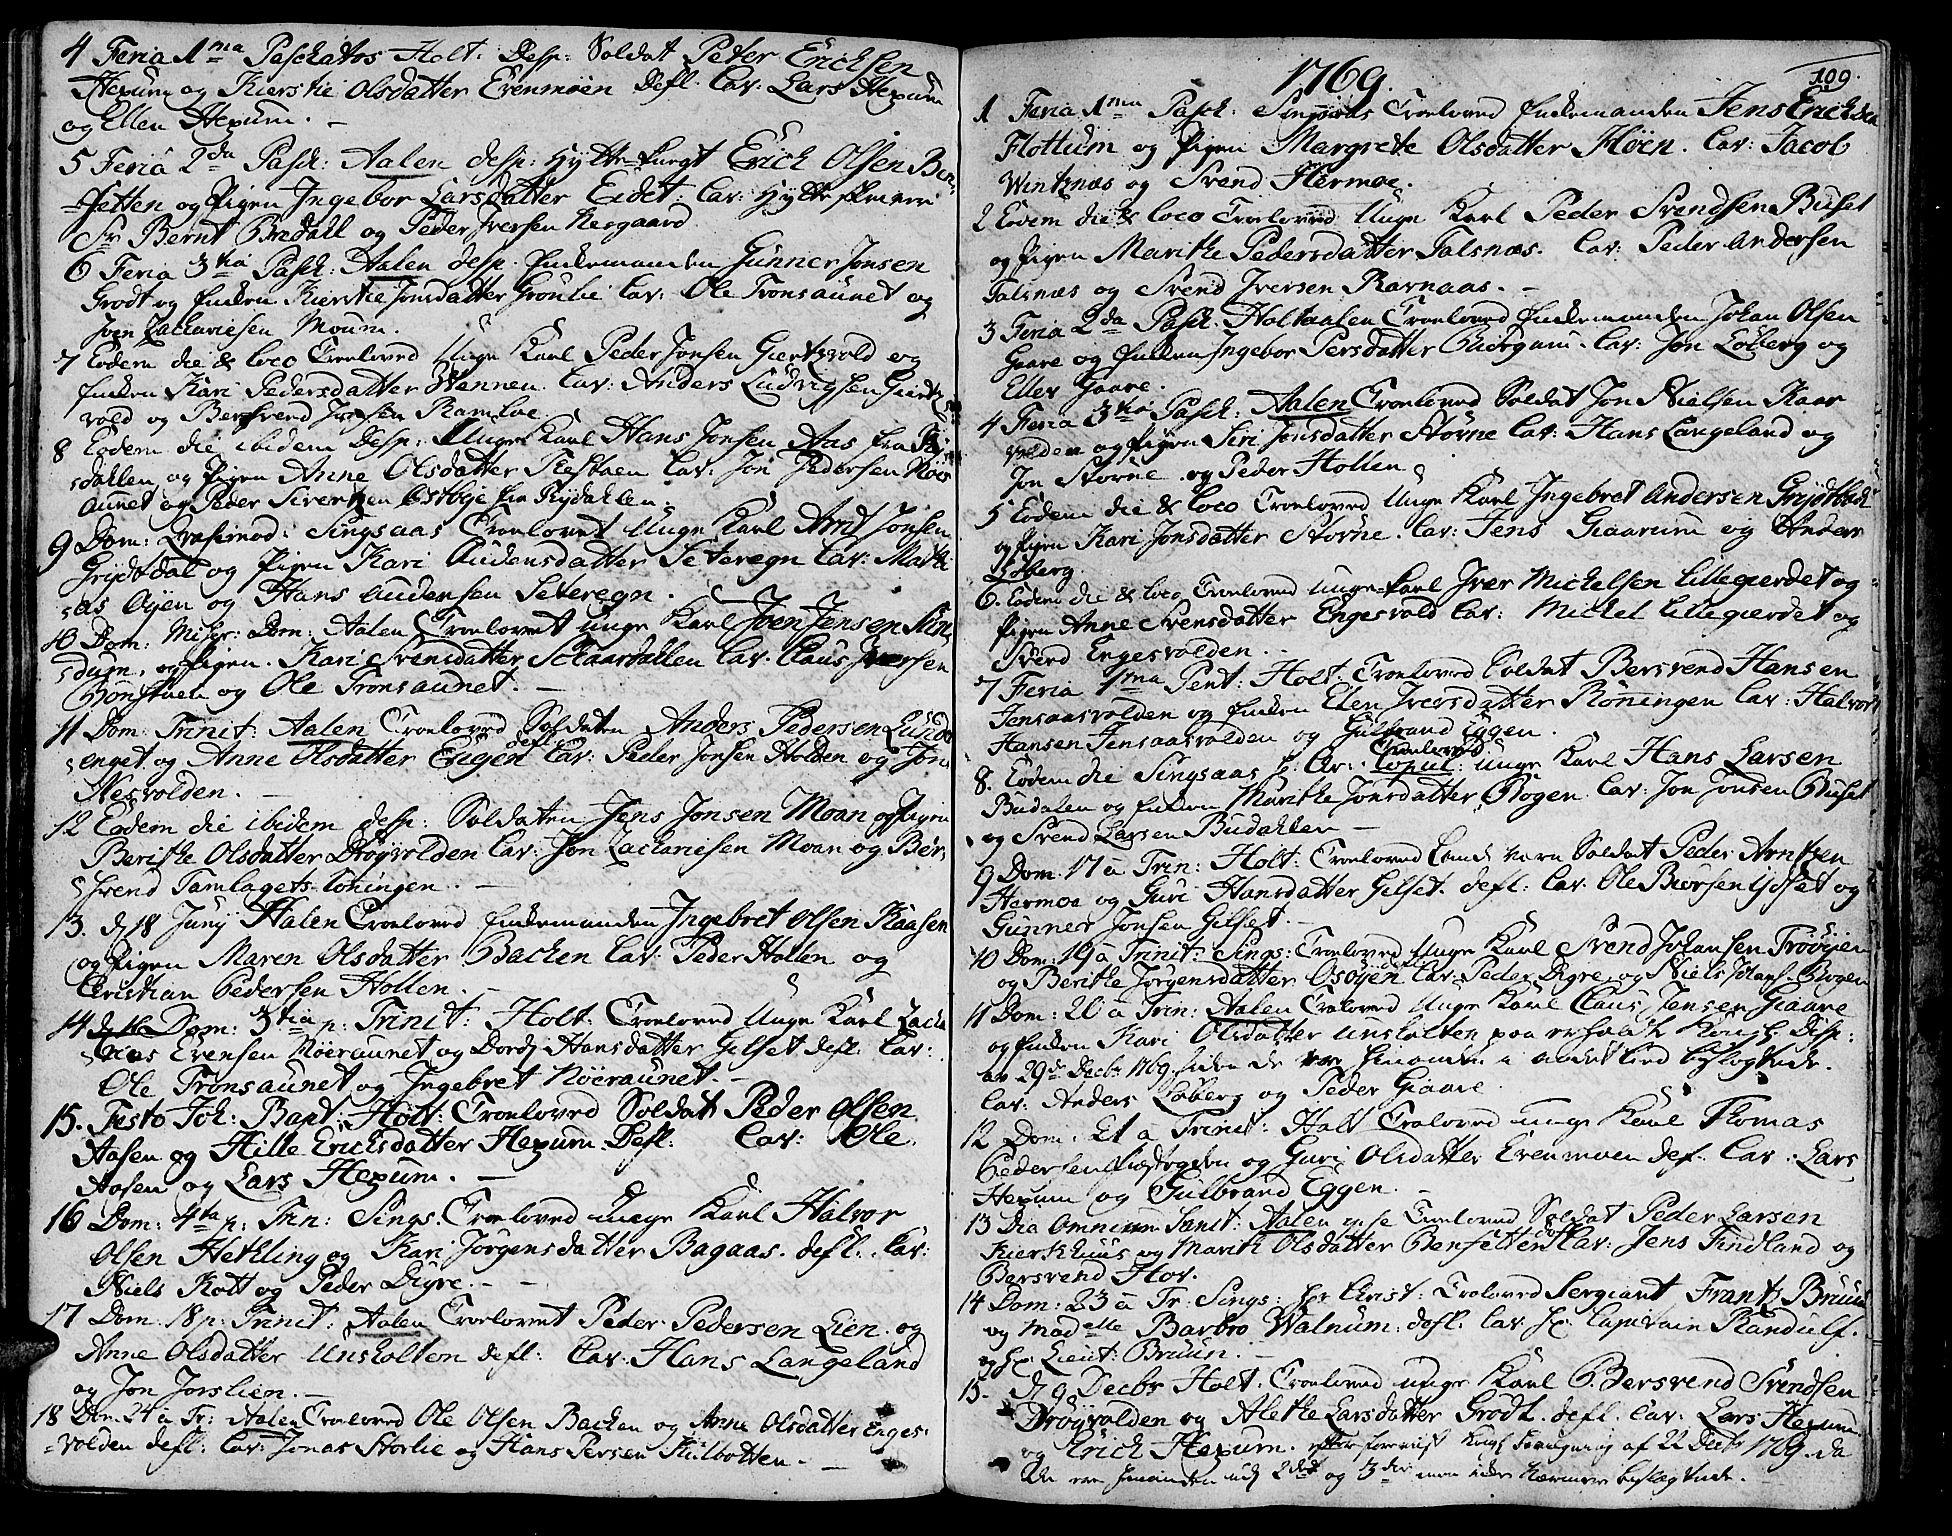 SAT, Ministerialprotokoller, klokkerbøker og fødselsregistre - Sør-Trøndelag, 685/L0952: Ministerialbok nr. 685A01, 1745-1804, s. 109